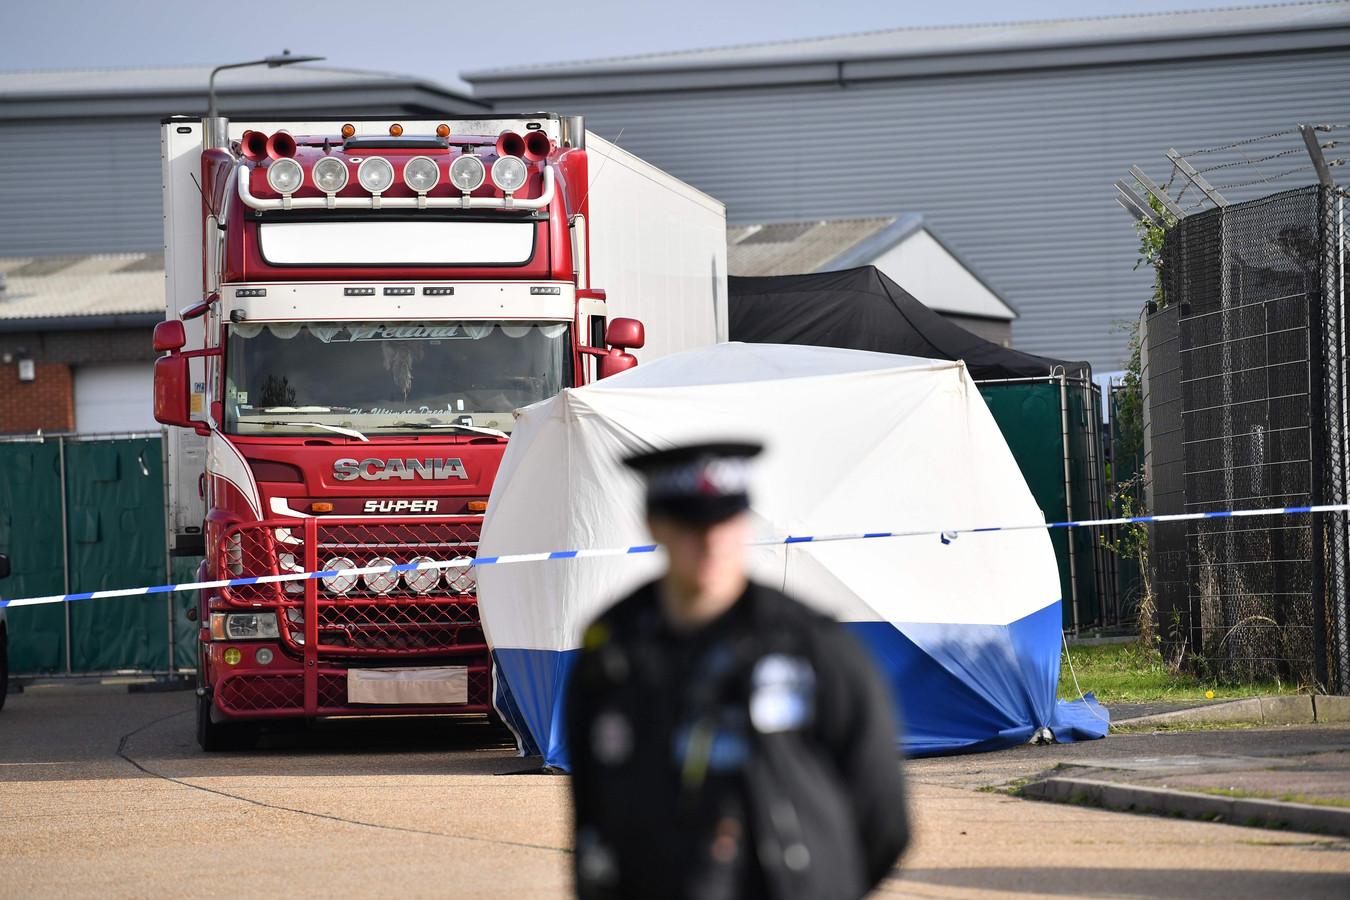 De koeltruck in Engeland waarin de lichamen van 39 Vietnamese migranten werden gevonden.